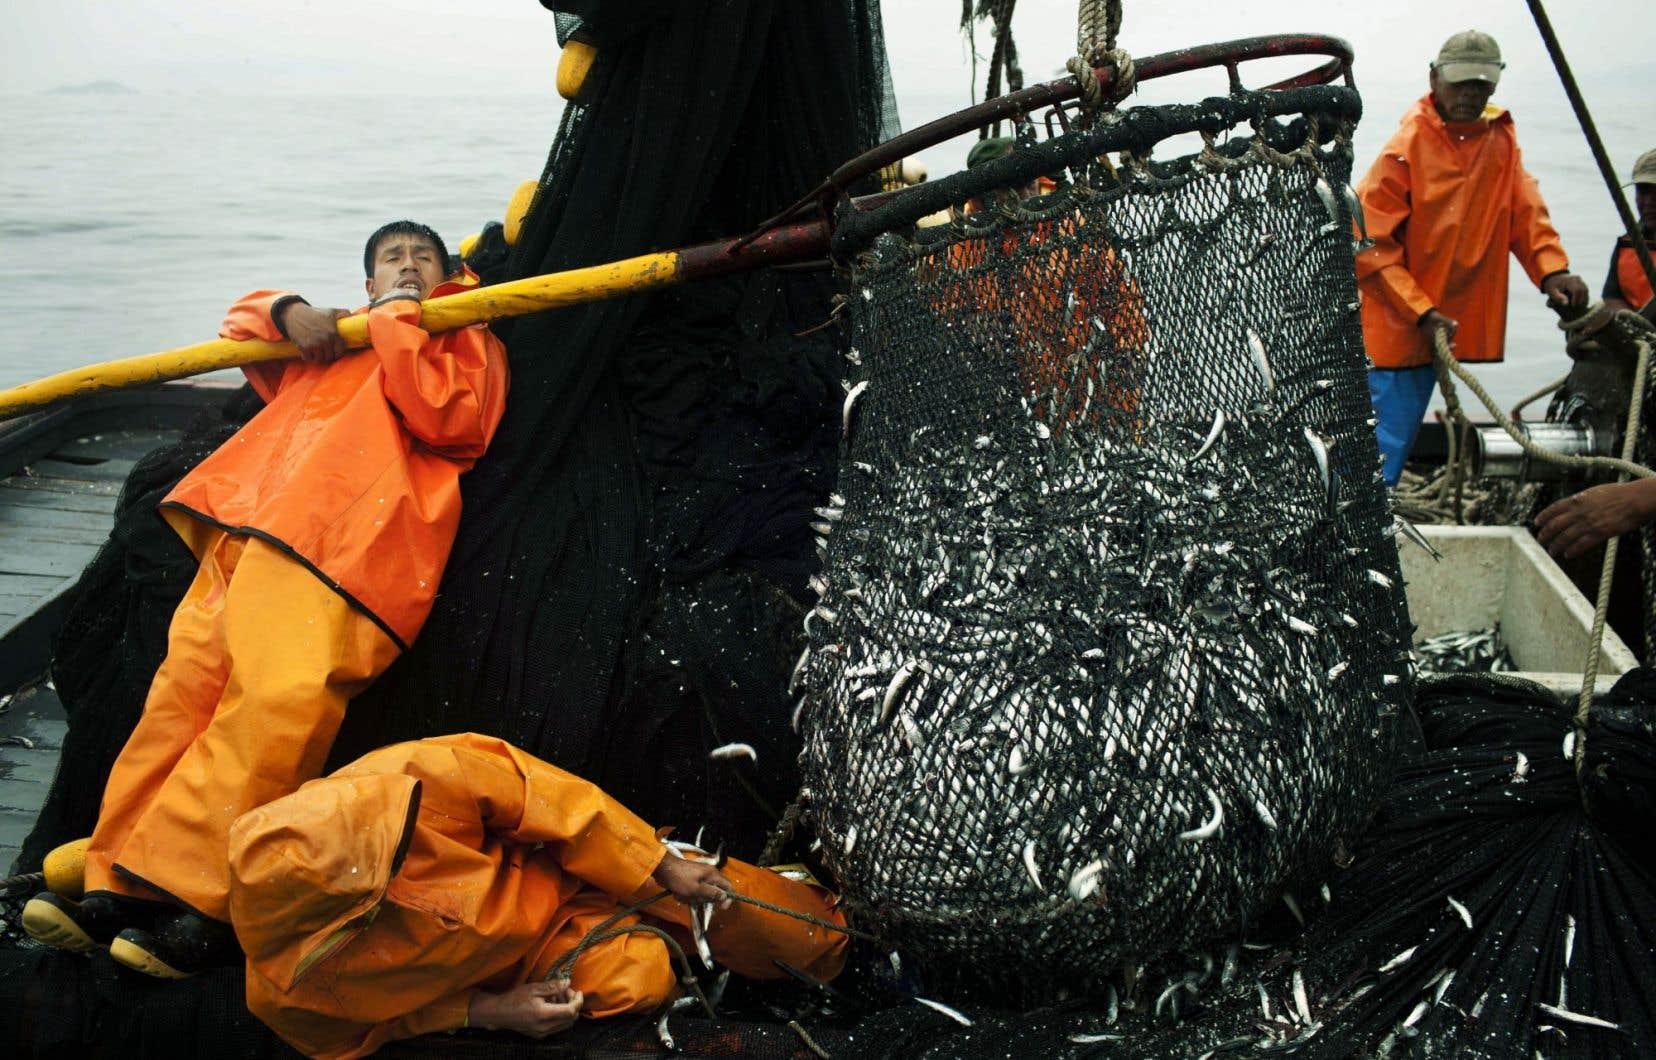 Récolte d'anchois sur un bateau de pêche péruvien lors d'une expédition dans l'océan Pacifique.